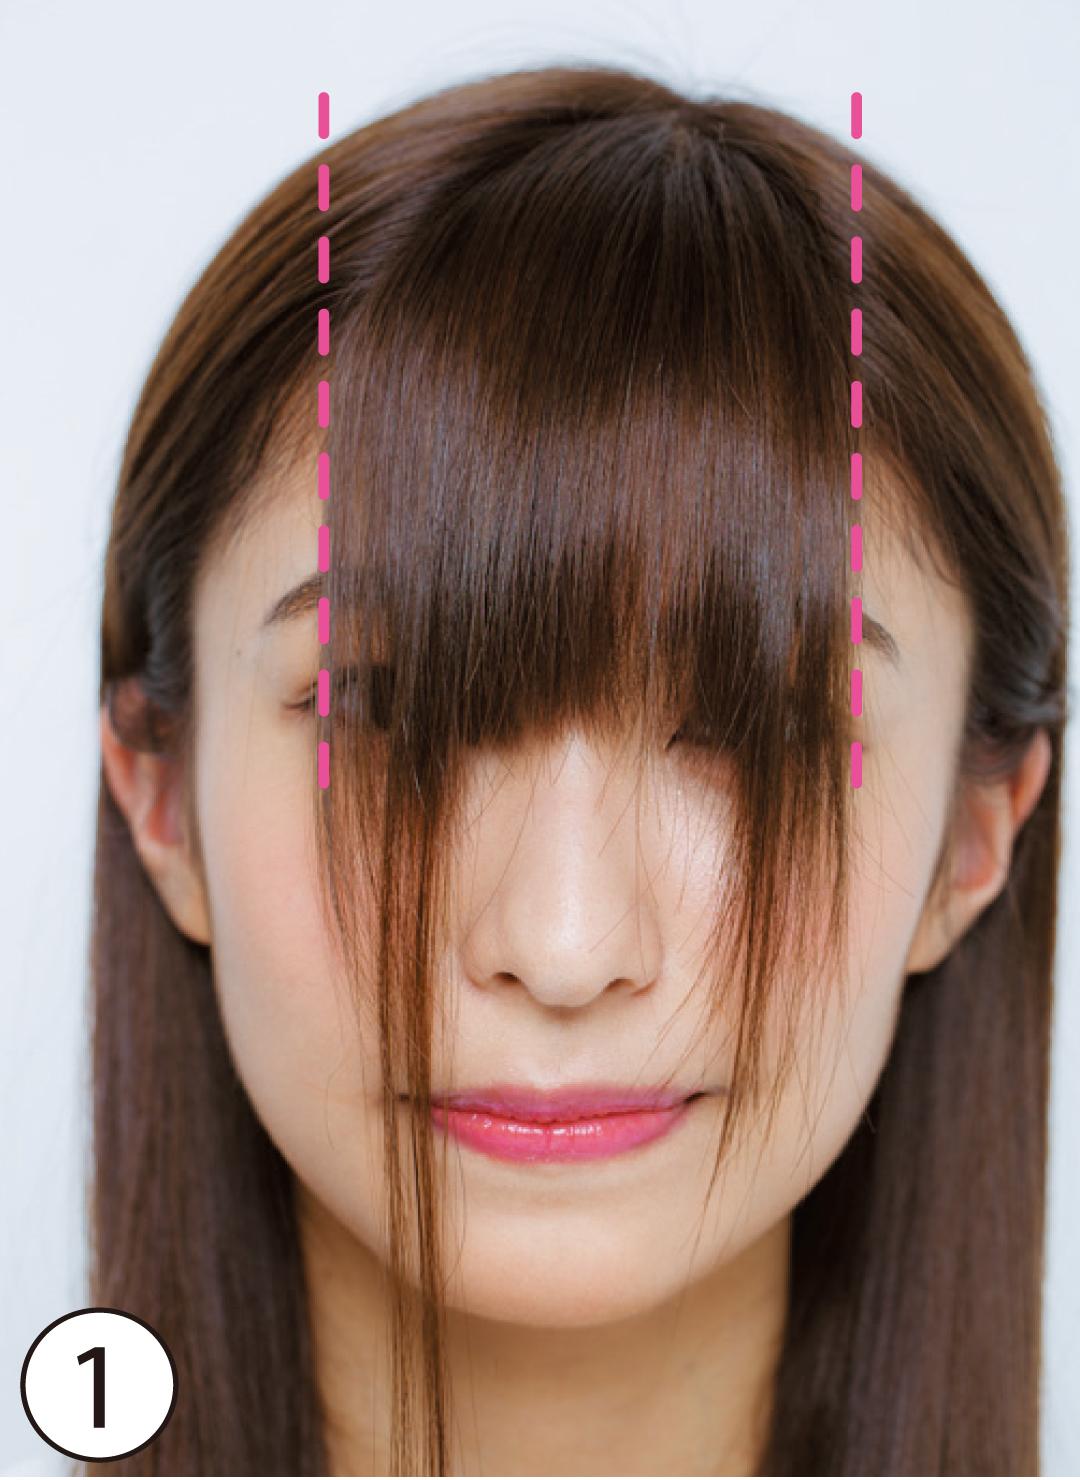 顔型別・前髪セルフカットで小顔! 切り方&スタイリング術も伝授♪_1_10-1